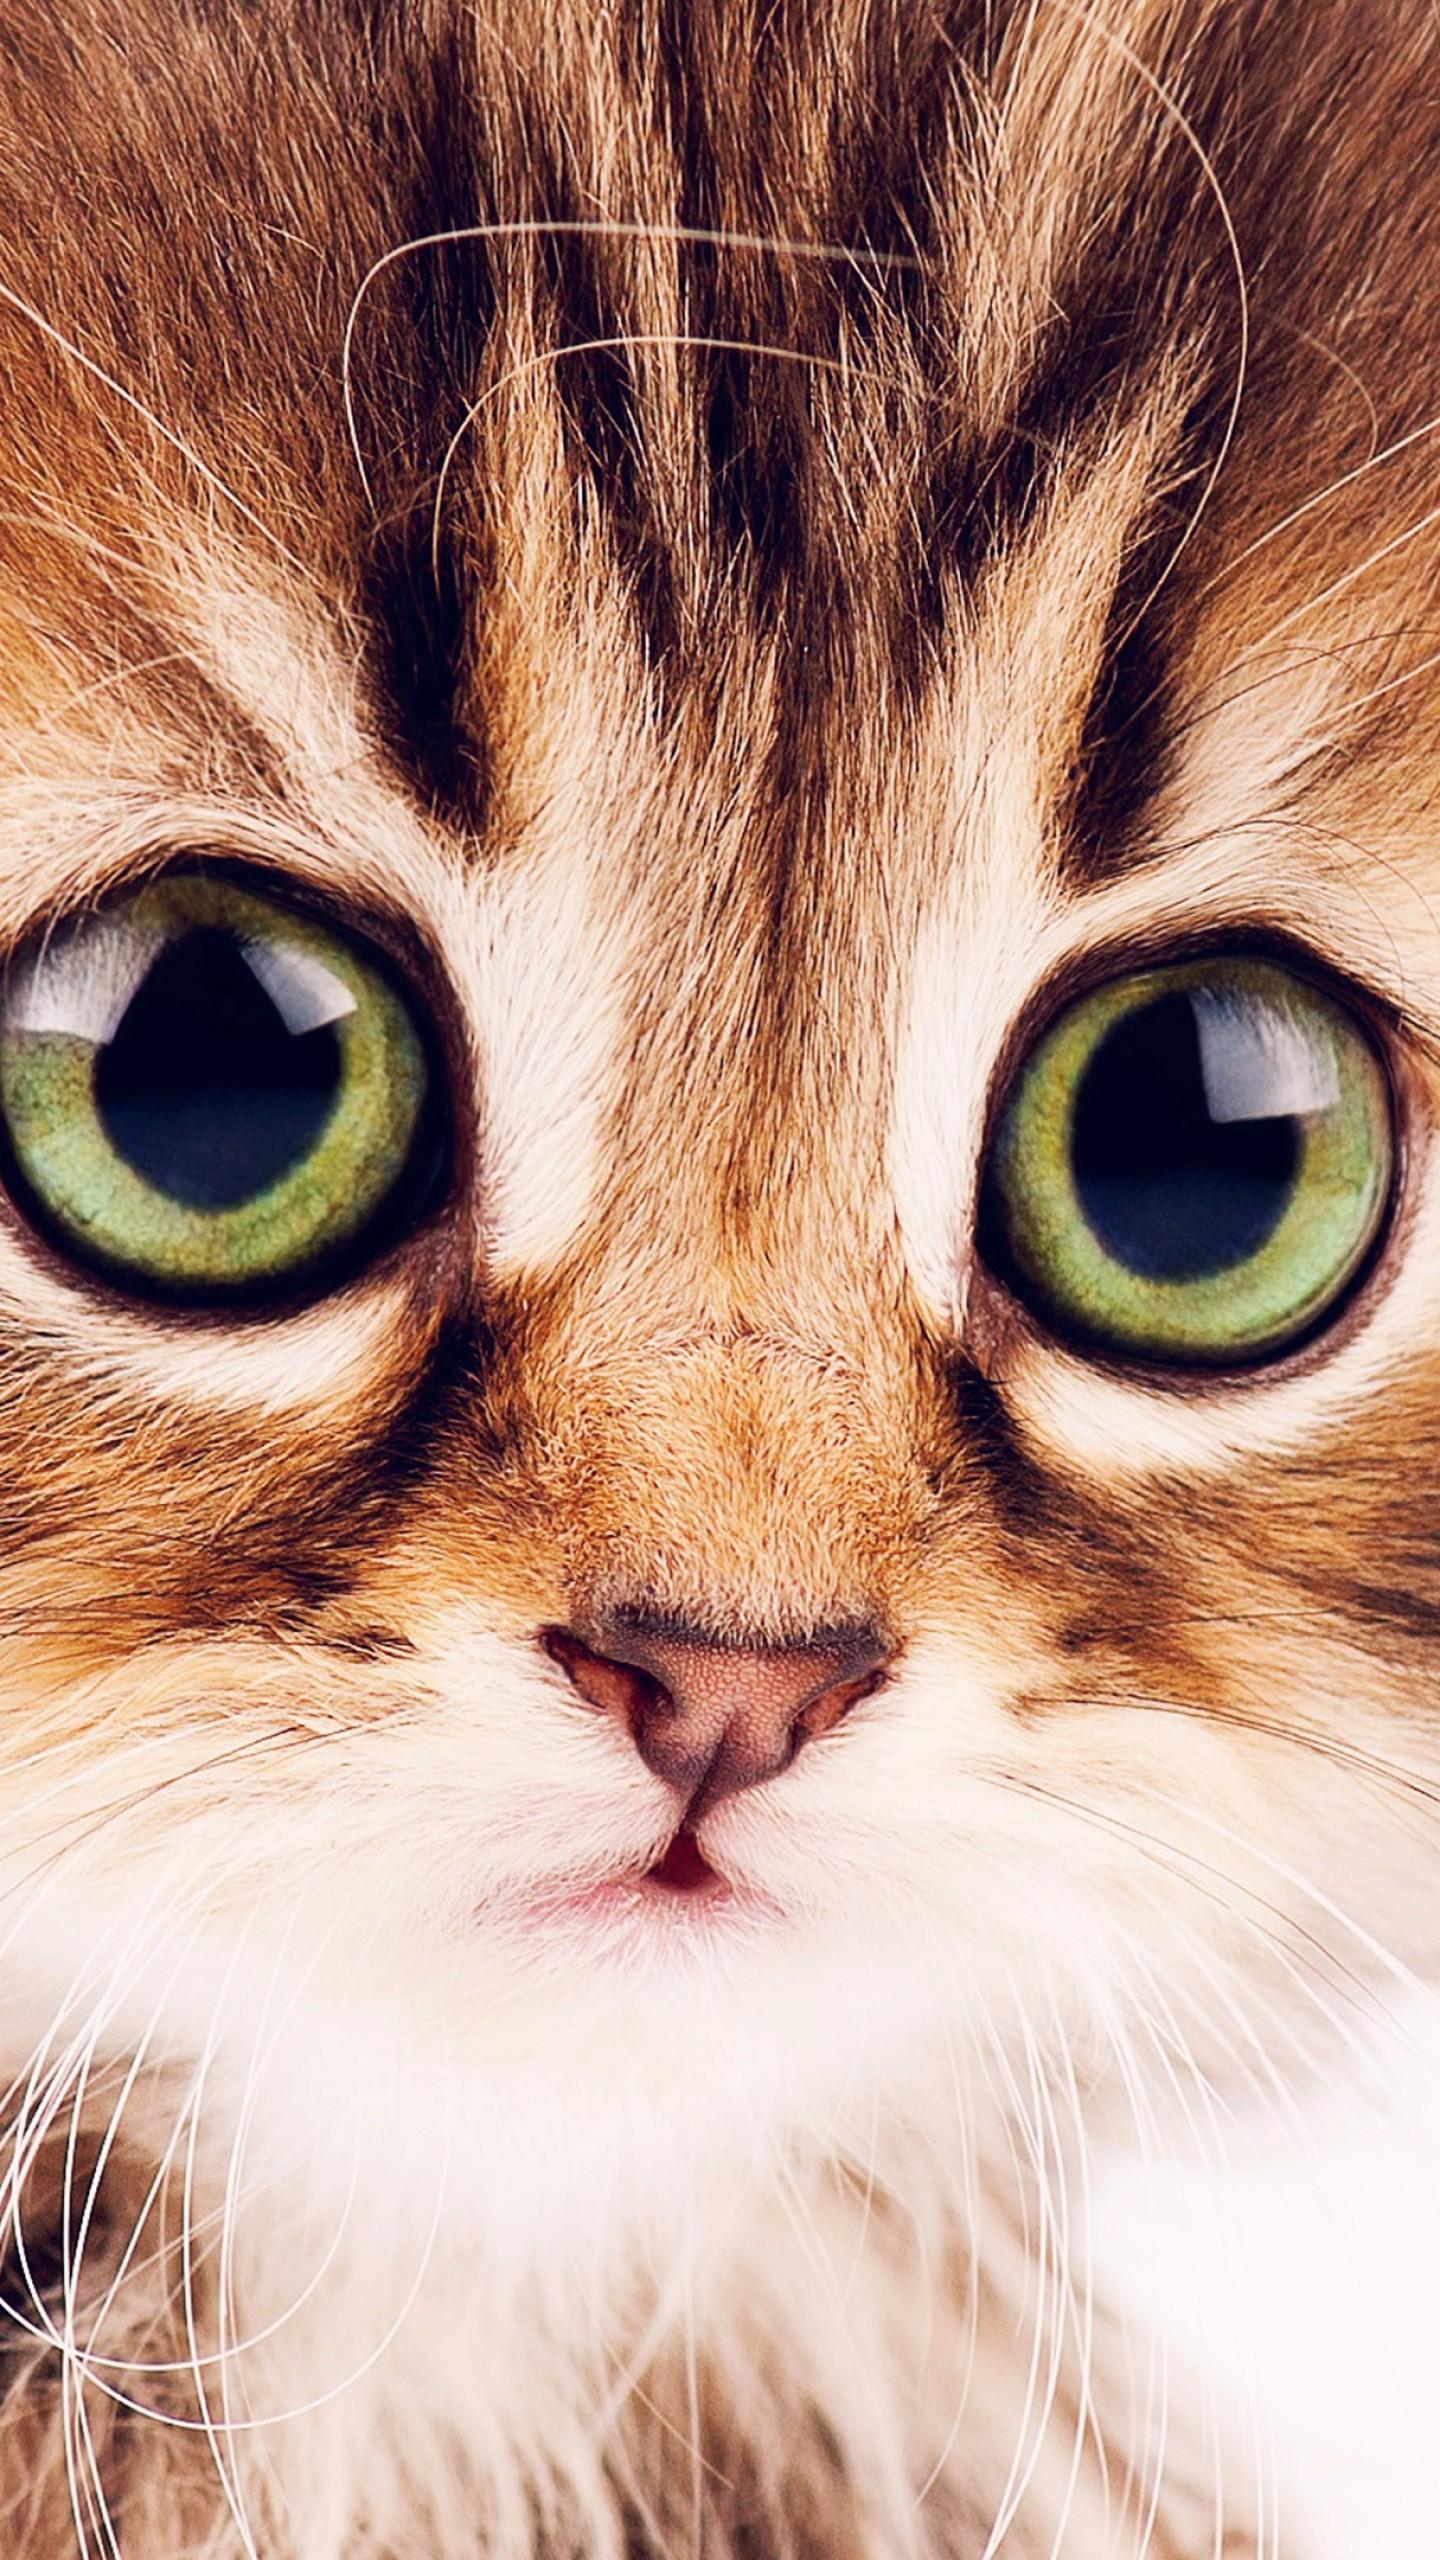 Wallpaper kitten, cute, funny animals, 4k, Animals #16151